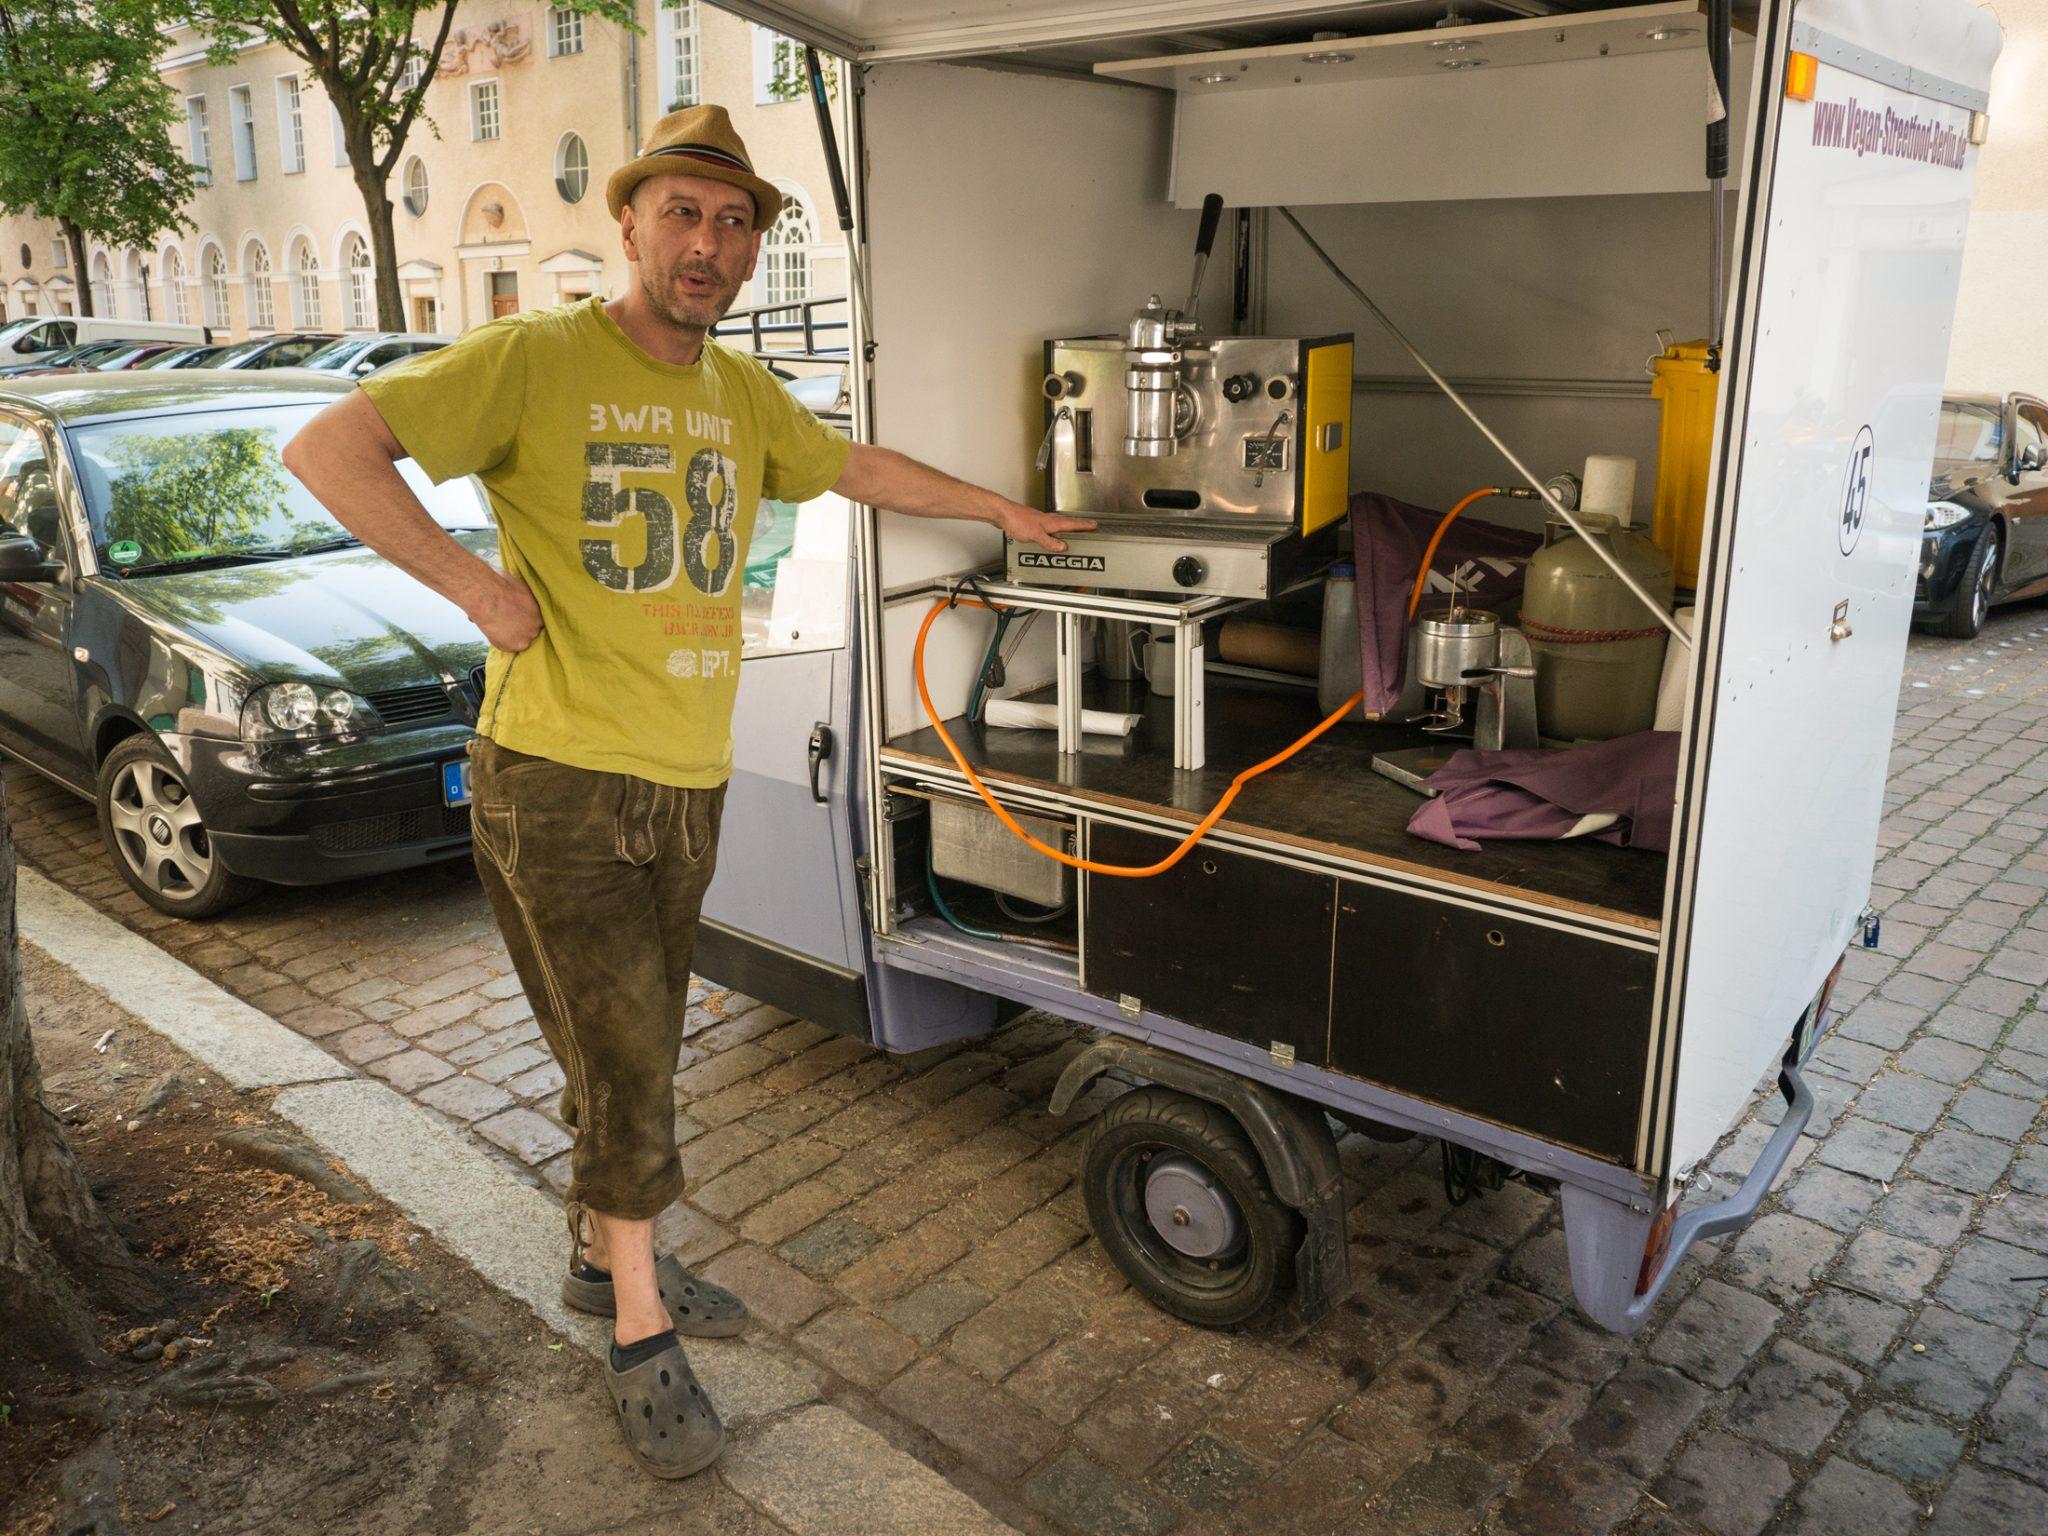 Mit diesem kleinen Fahrzeug verkauft er Espresso auf Märkten in Berlin. Die Gaggia Espresso- Handhebelmaschine hat eine orginal Brühgruppe von 1958.